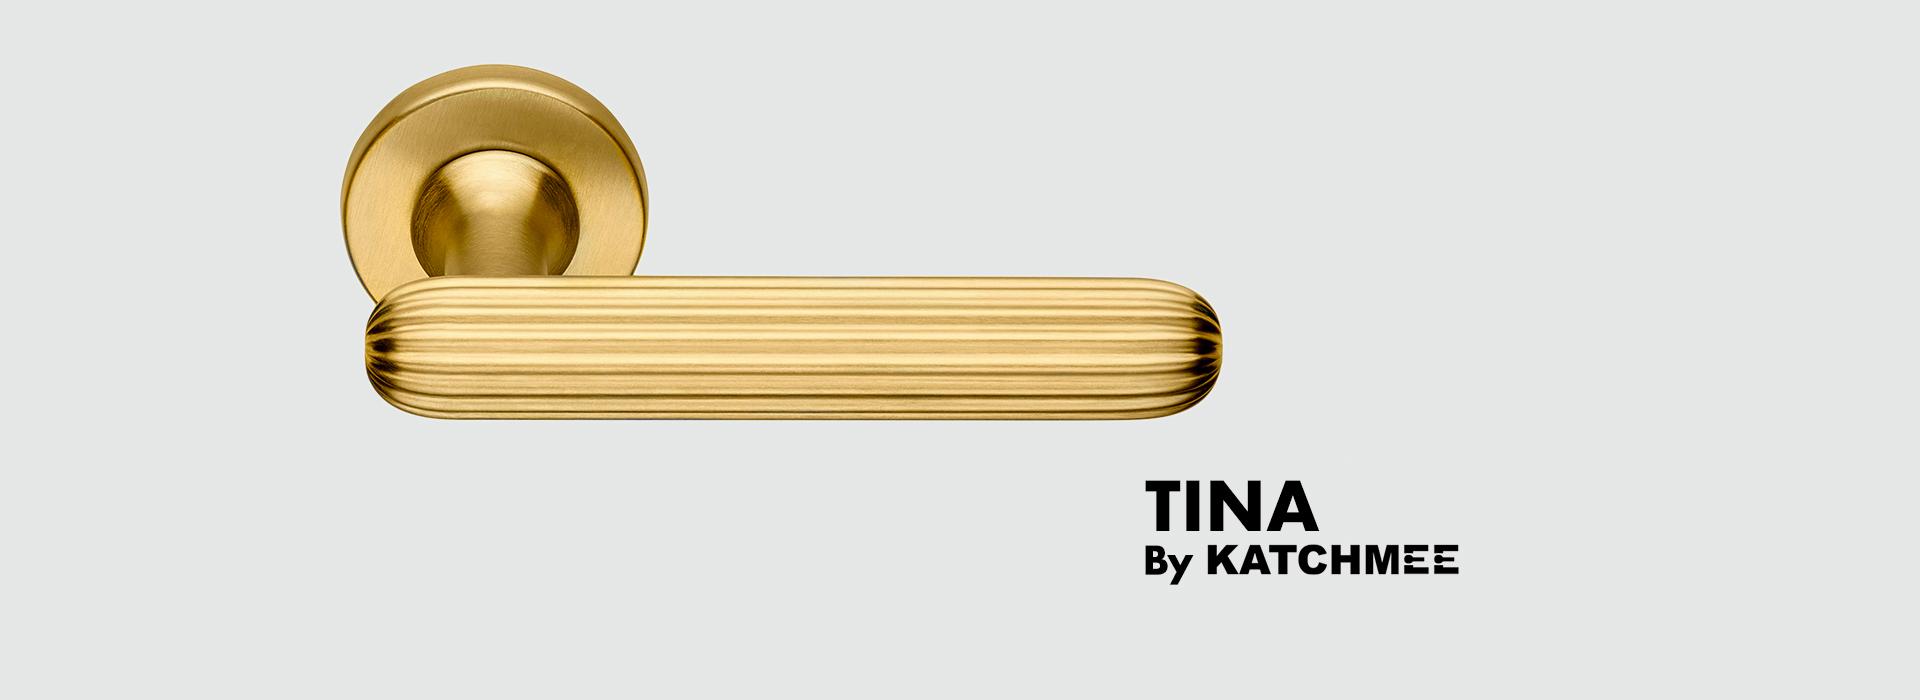 poignee-design-tina-slide